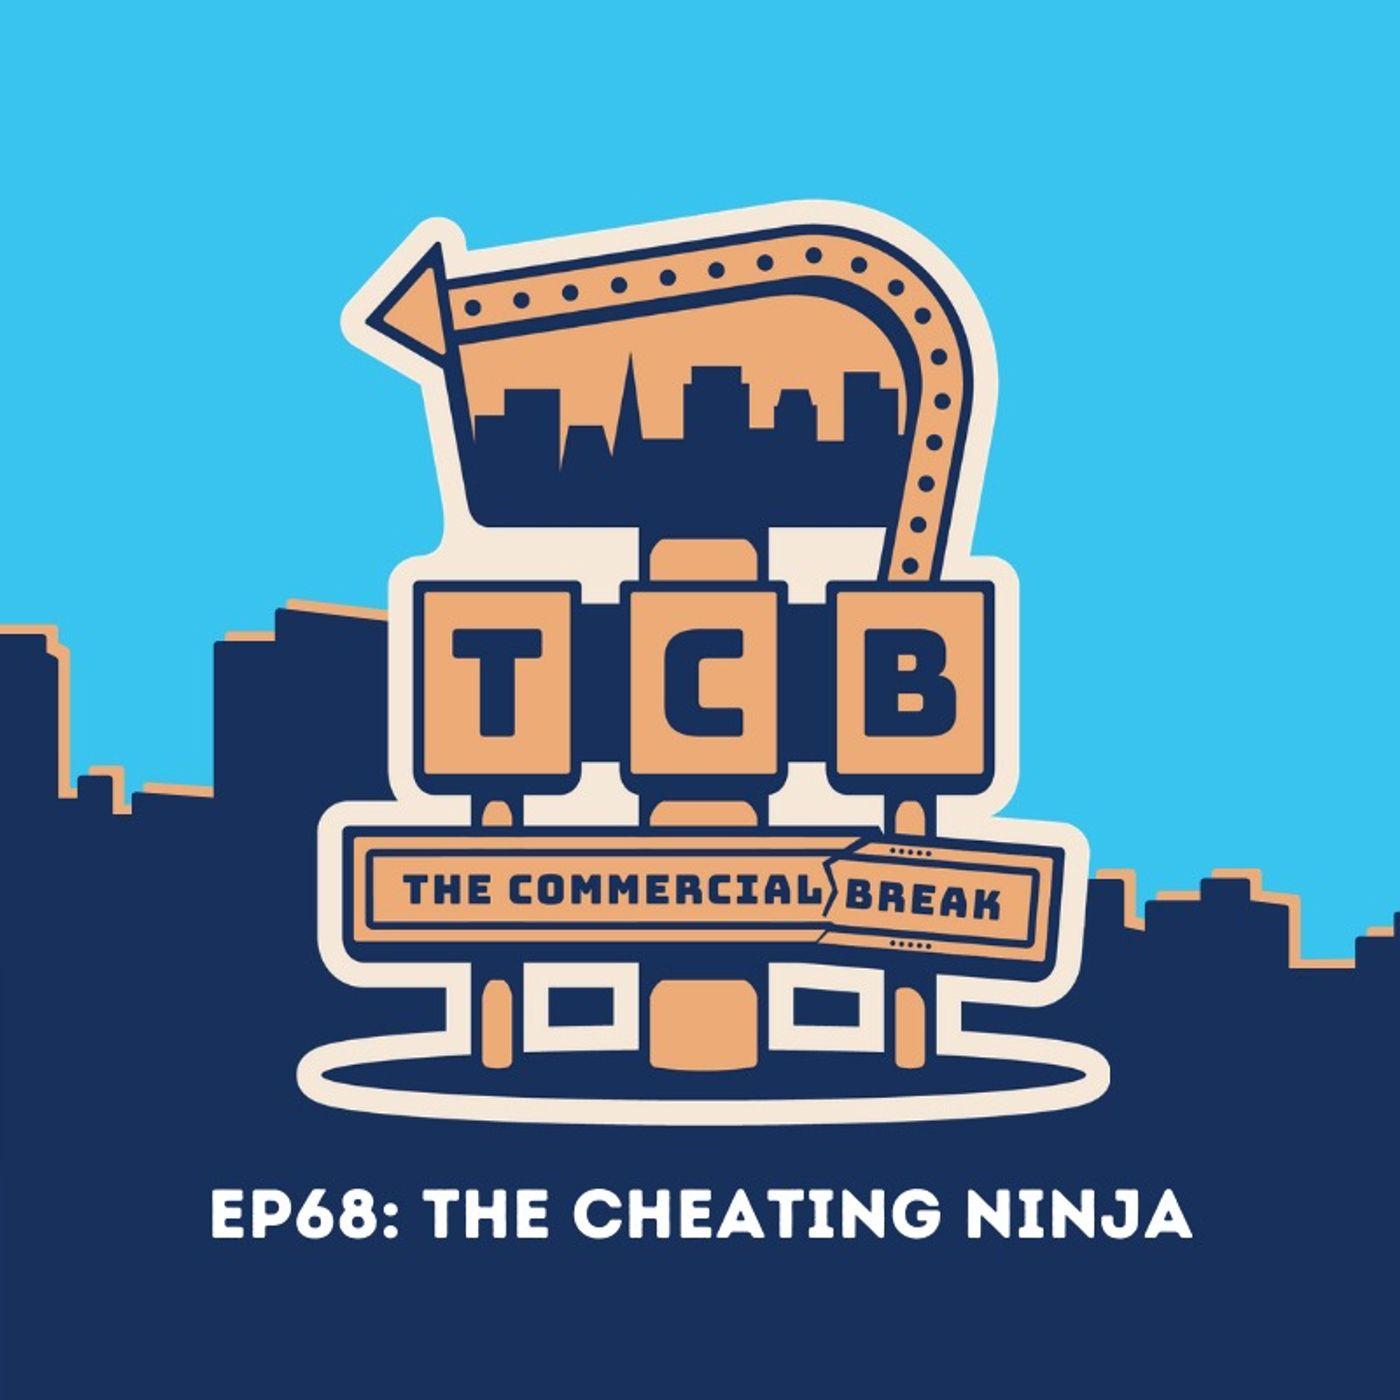 EP68: The Cheating Ninja